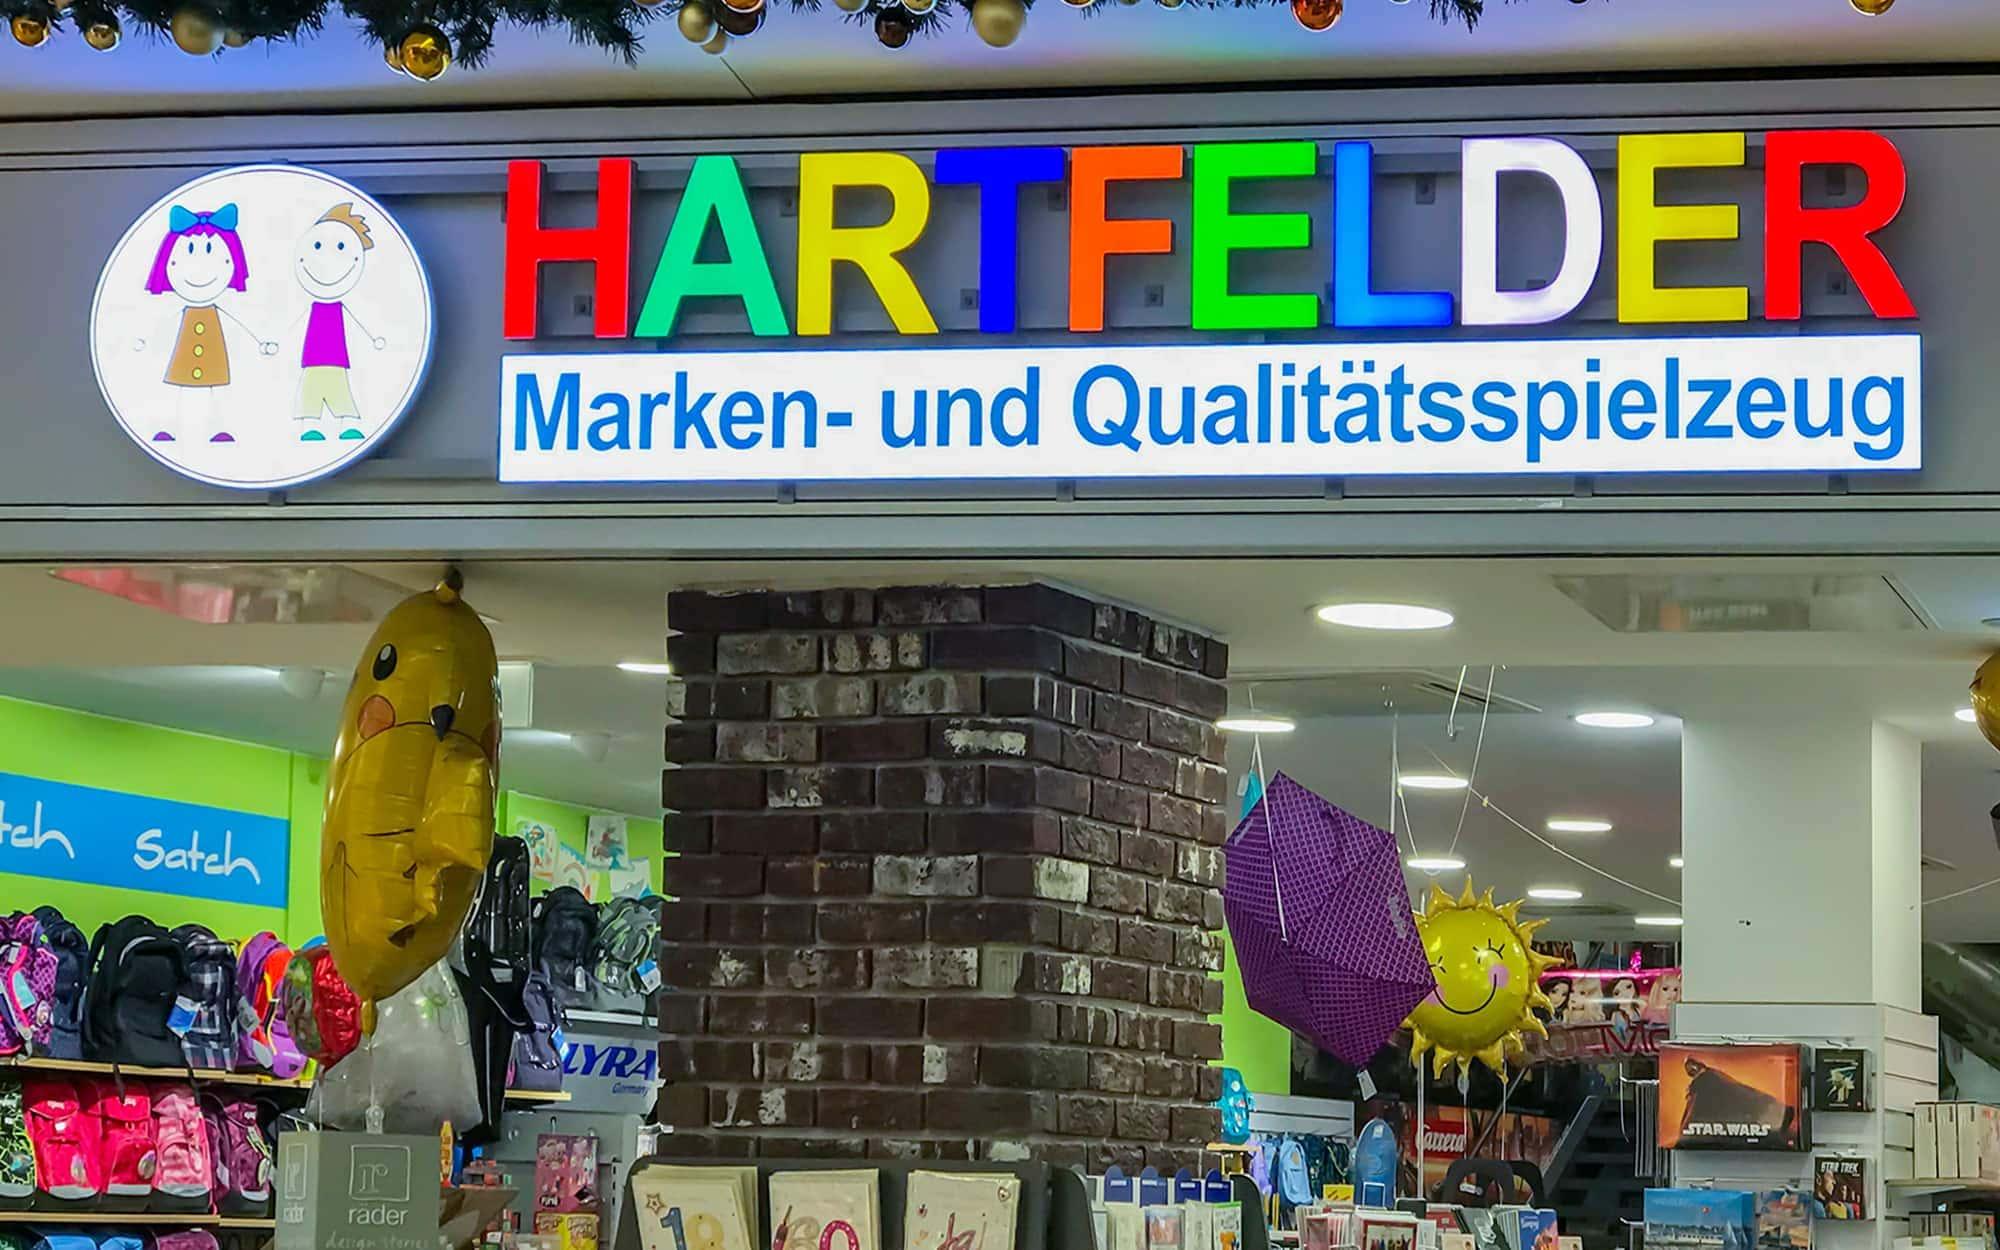 Einzelbuchstaben aus Vollplexi LED gefertigt. Jeder Buchstabe mit einer anderen Leuchtfarbe. Außenwerbung für das Unternehmen Hartfelder.